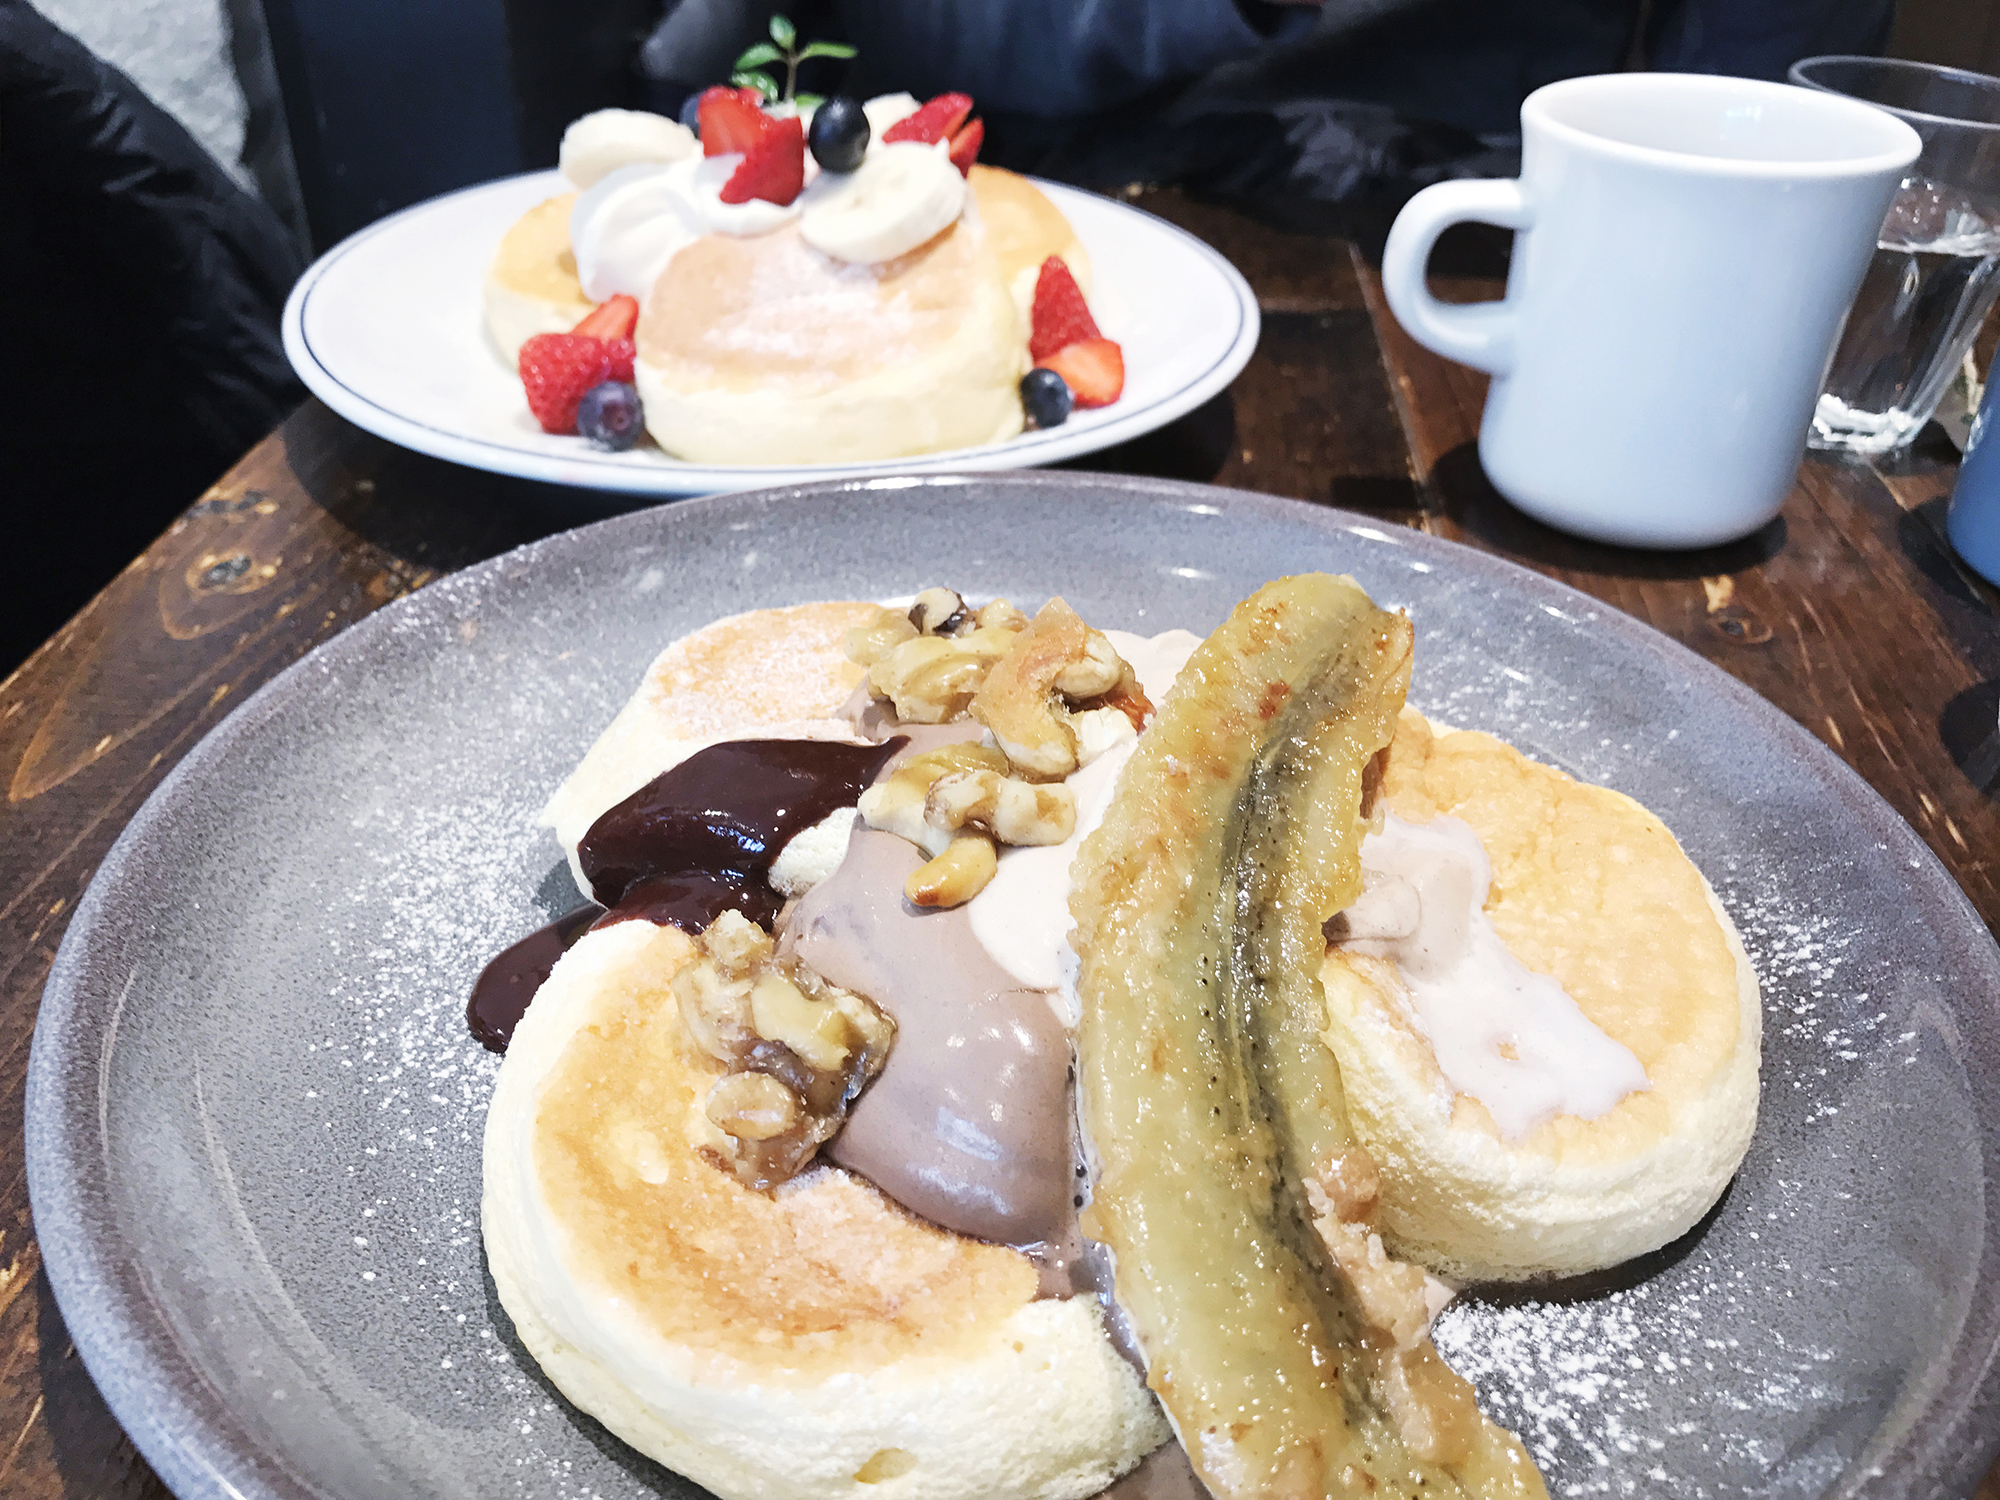 Pancakes at a recently opened pancake café, Flipper's, in Shimokitazawa.